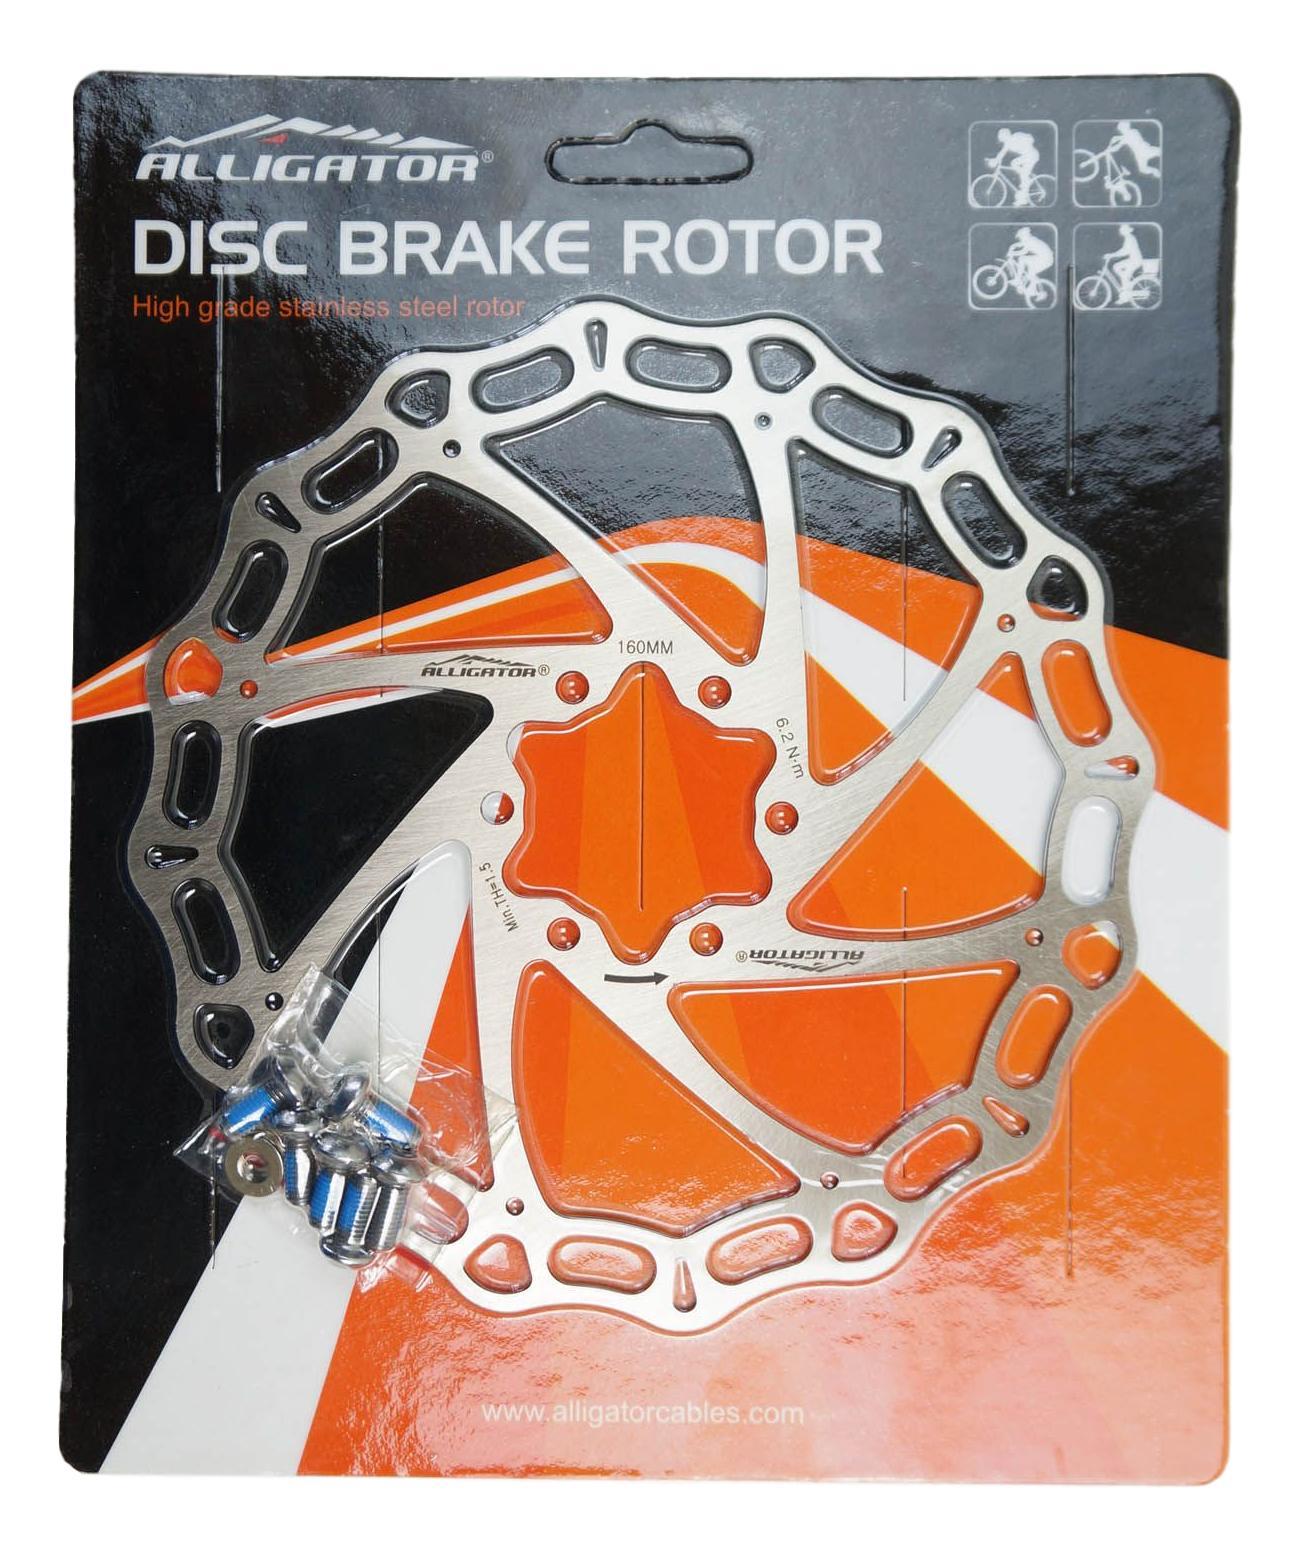 Disco de Freio à Disco Rotor Alligator 160mm 6 Furos em Aço Inox para Bicicletas